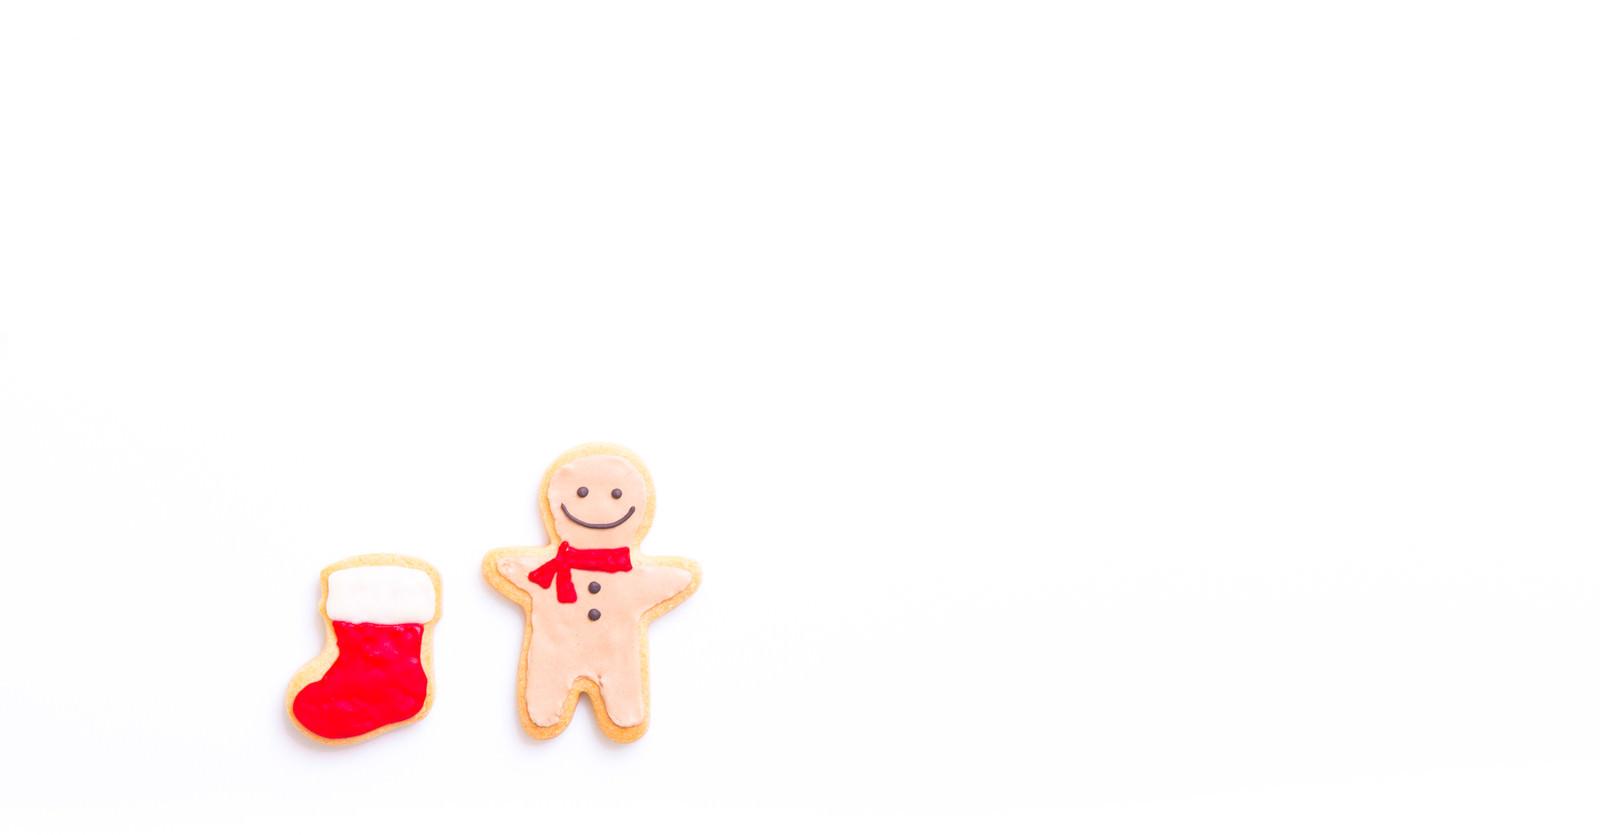 「サンタさんからの贈り物まだかなー(アイシングクッキー)サンタさんからの贈り物まだかなー(アイシングクッキー)」のフリー写真素材を拡大